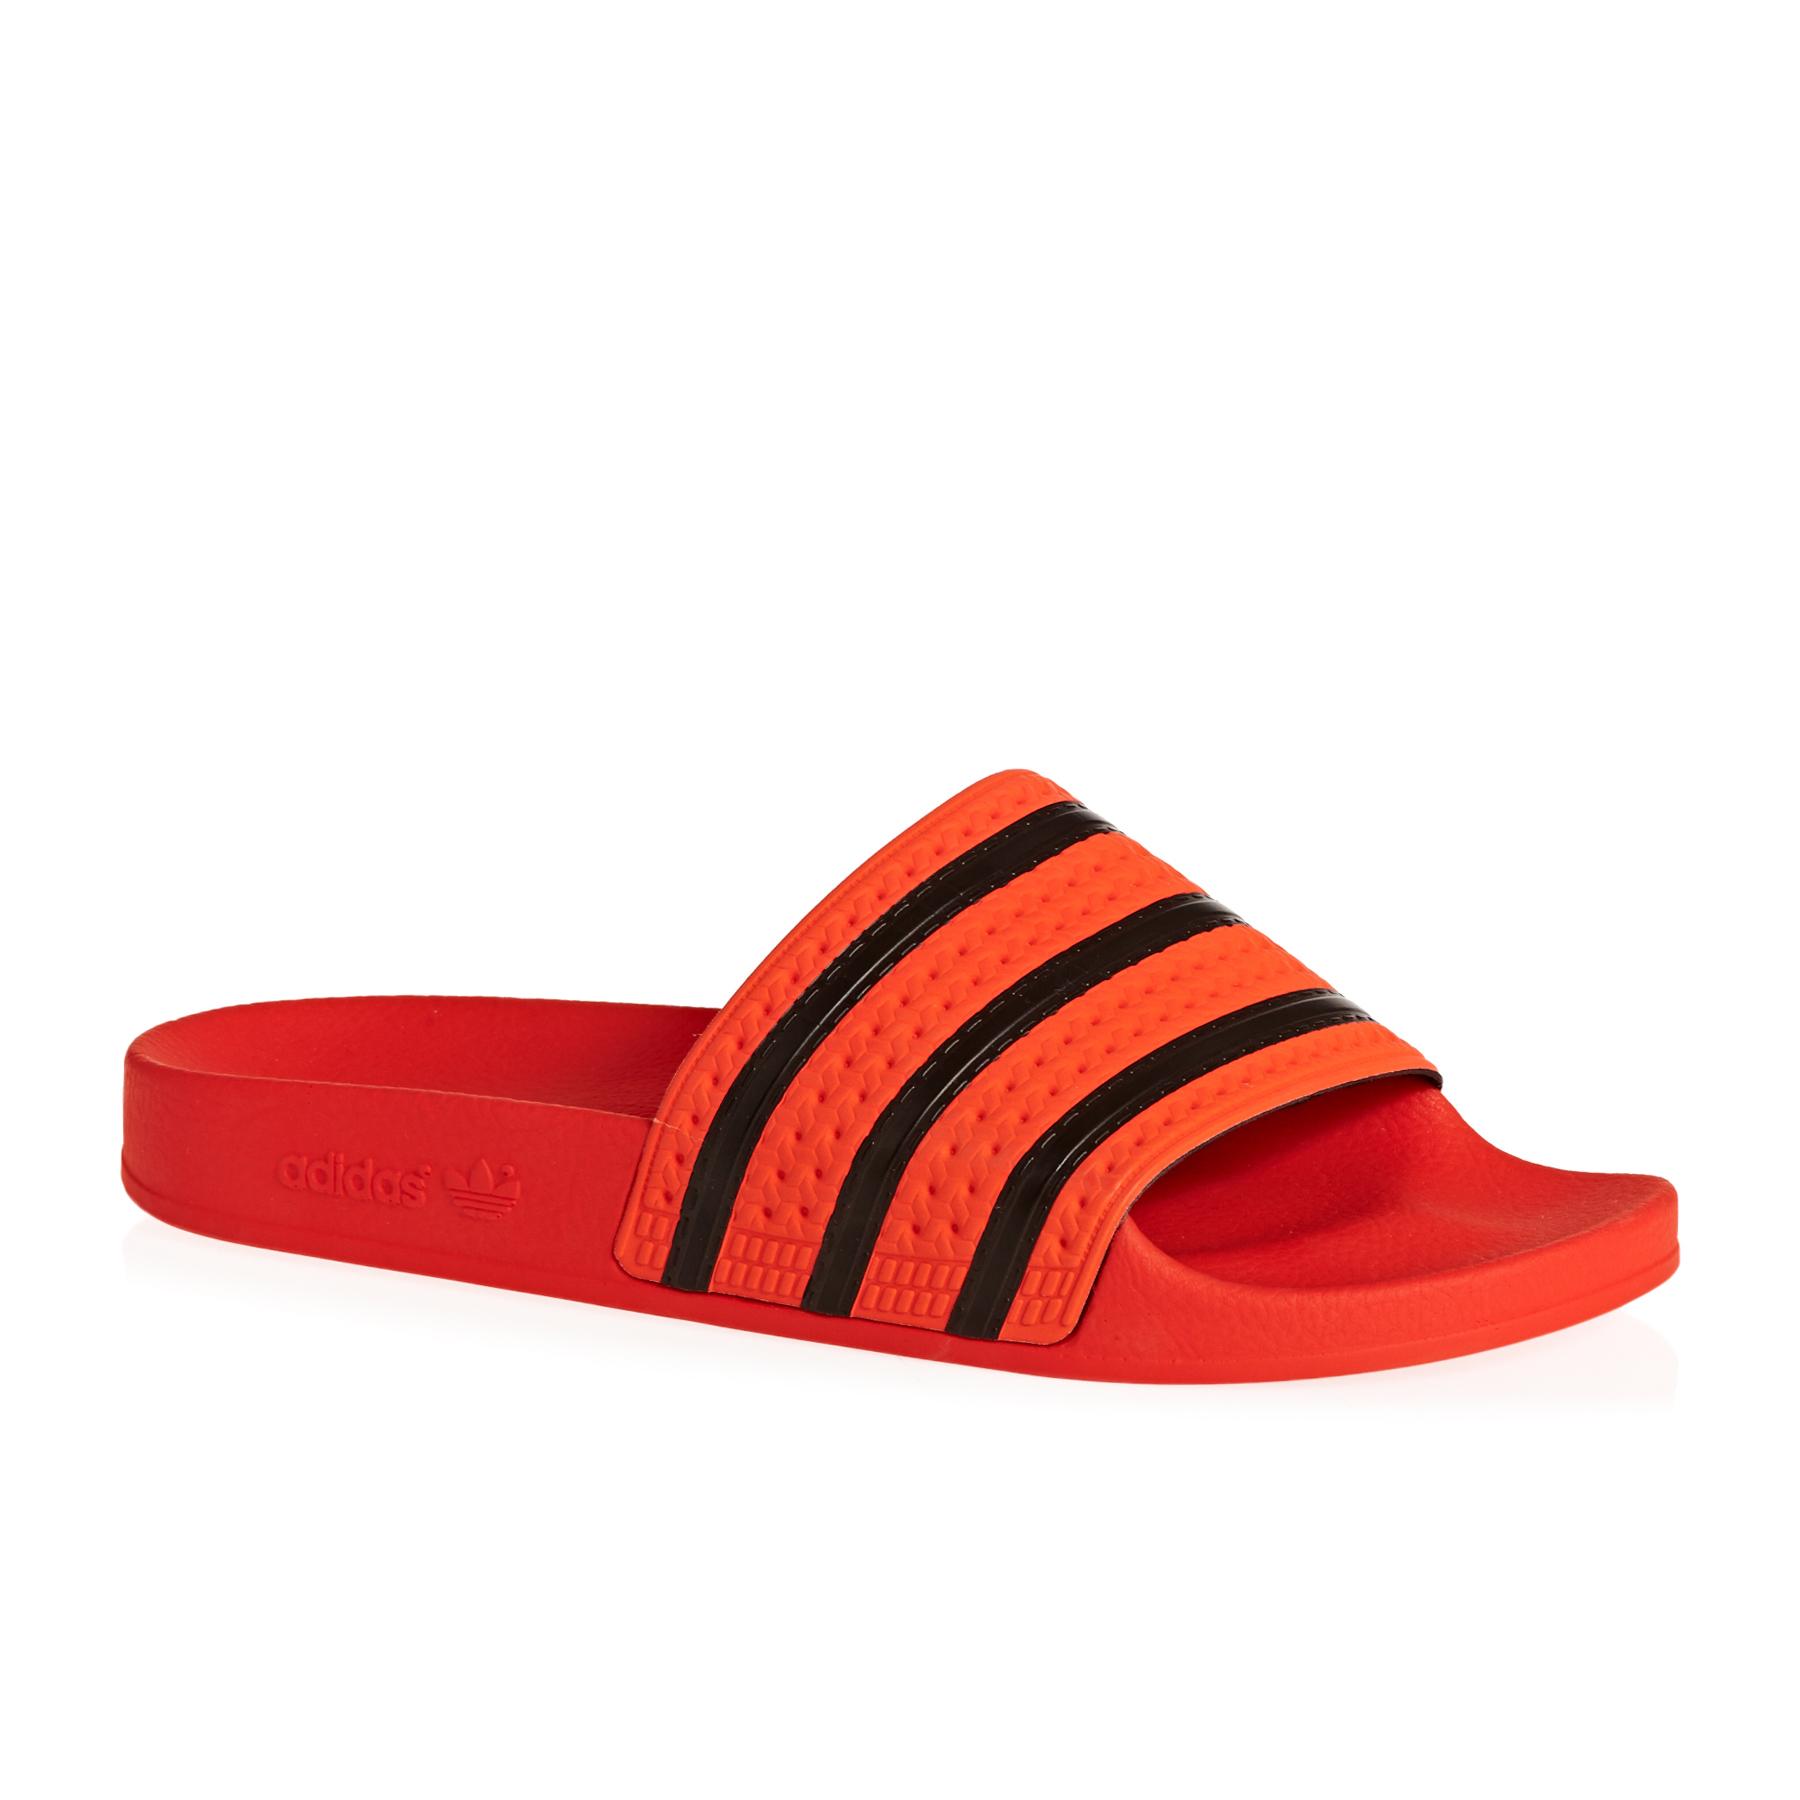 Adidas Originals Adilette Unisex